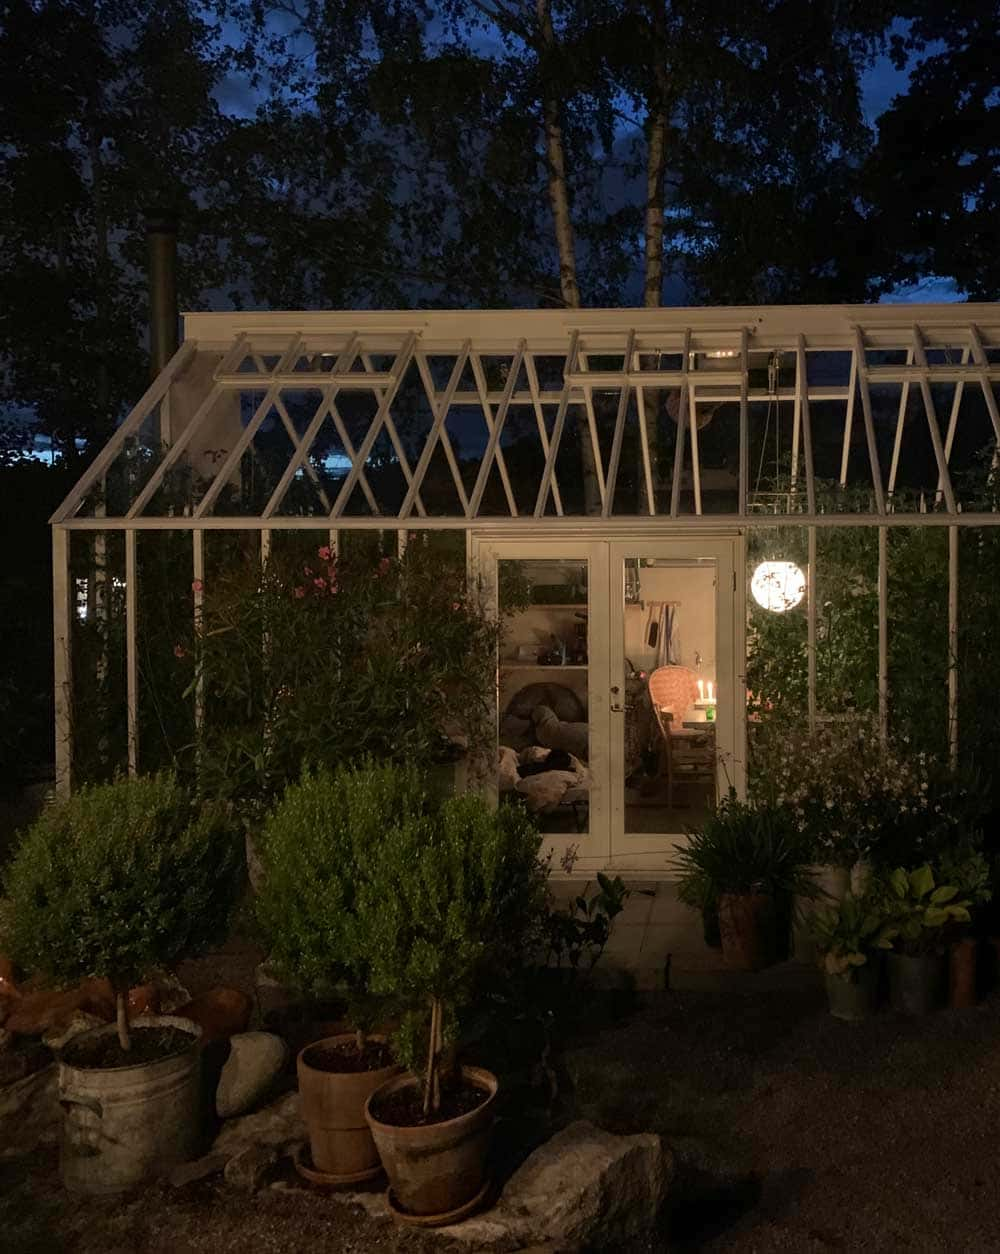 Tända ljus och klotlampa i växthus.